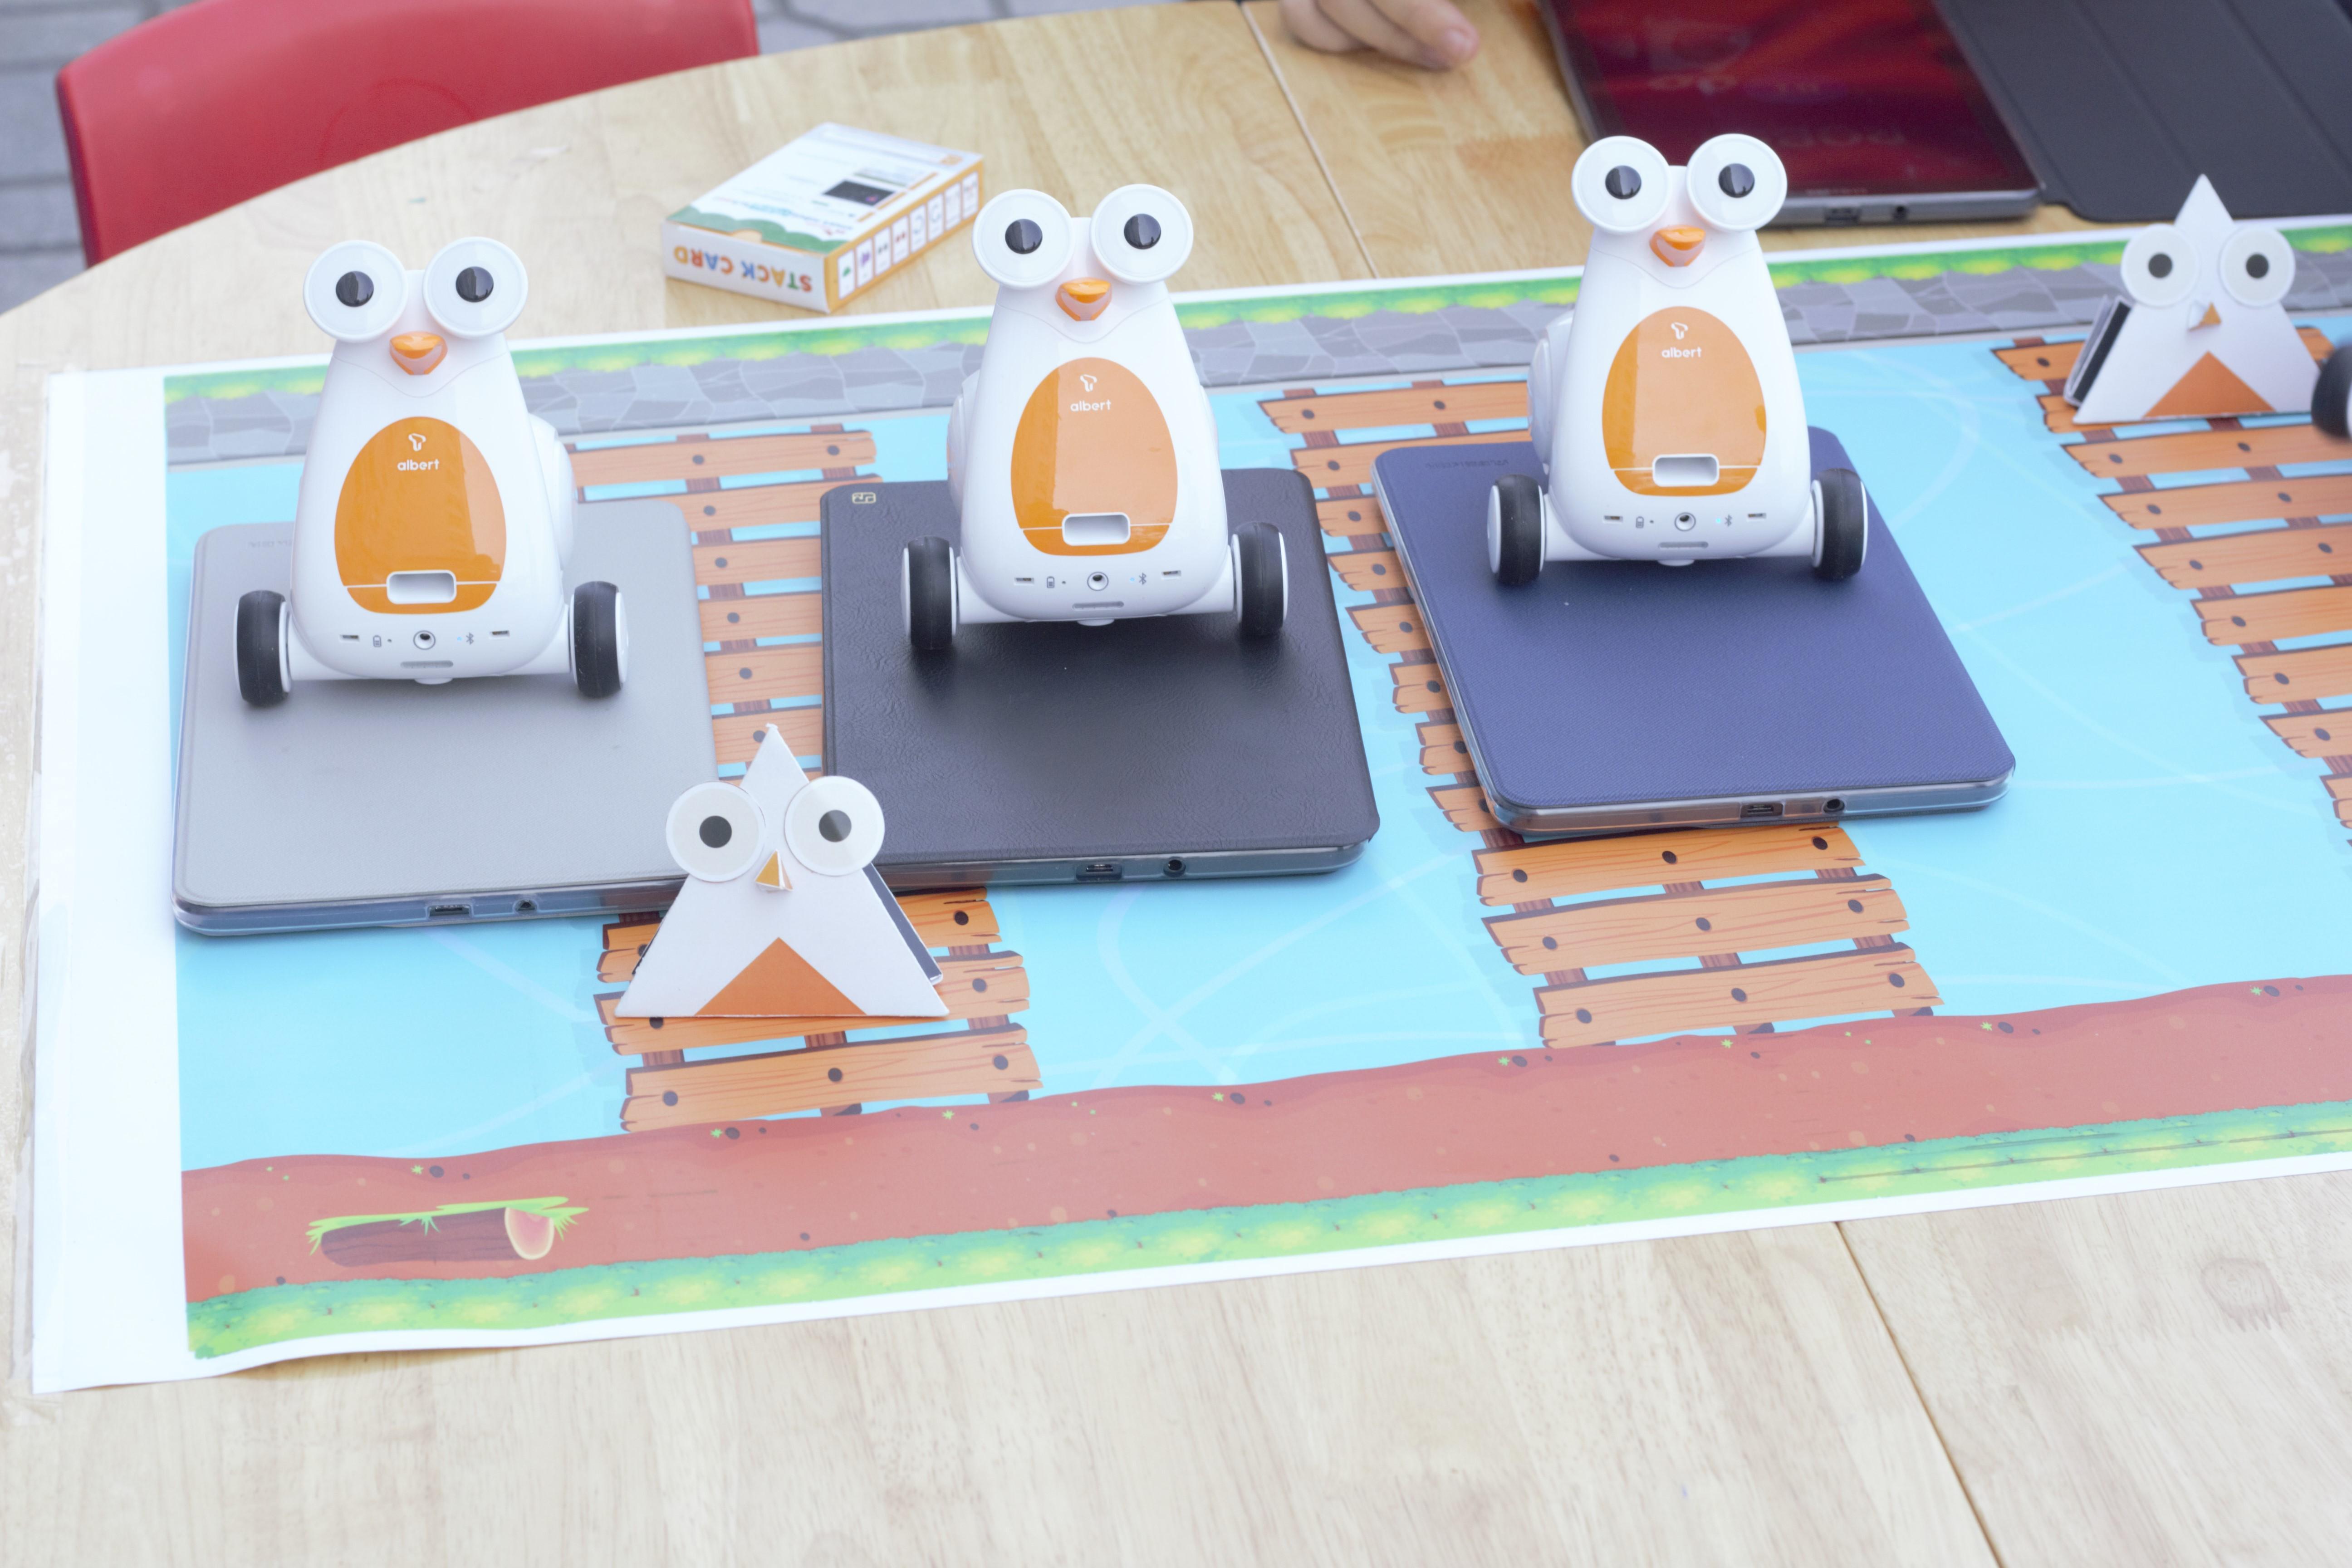 Cho trẻ làm quen với lập trình với công nghệ Robot Albert: Xu thế thời 4.0 !